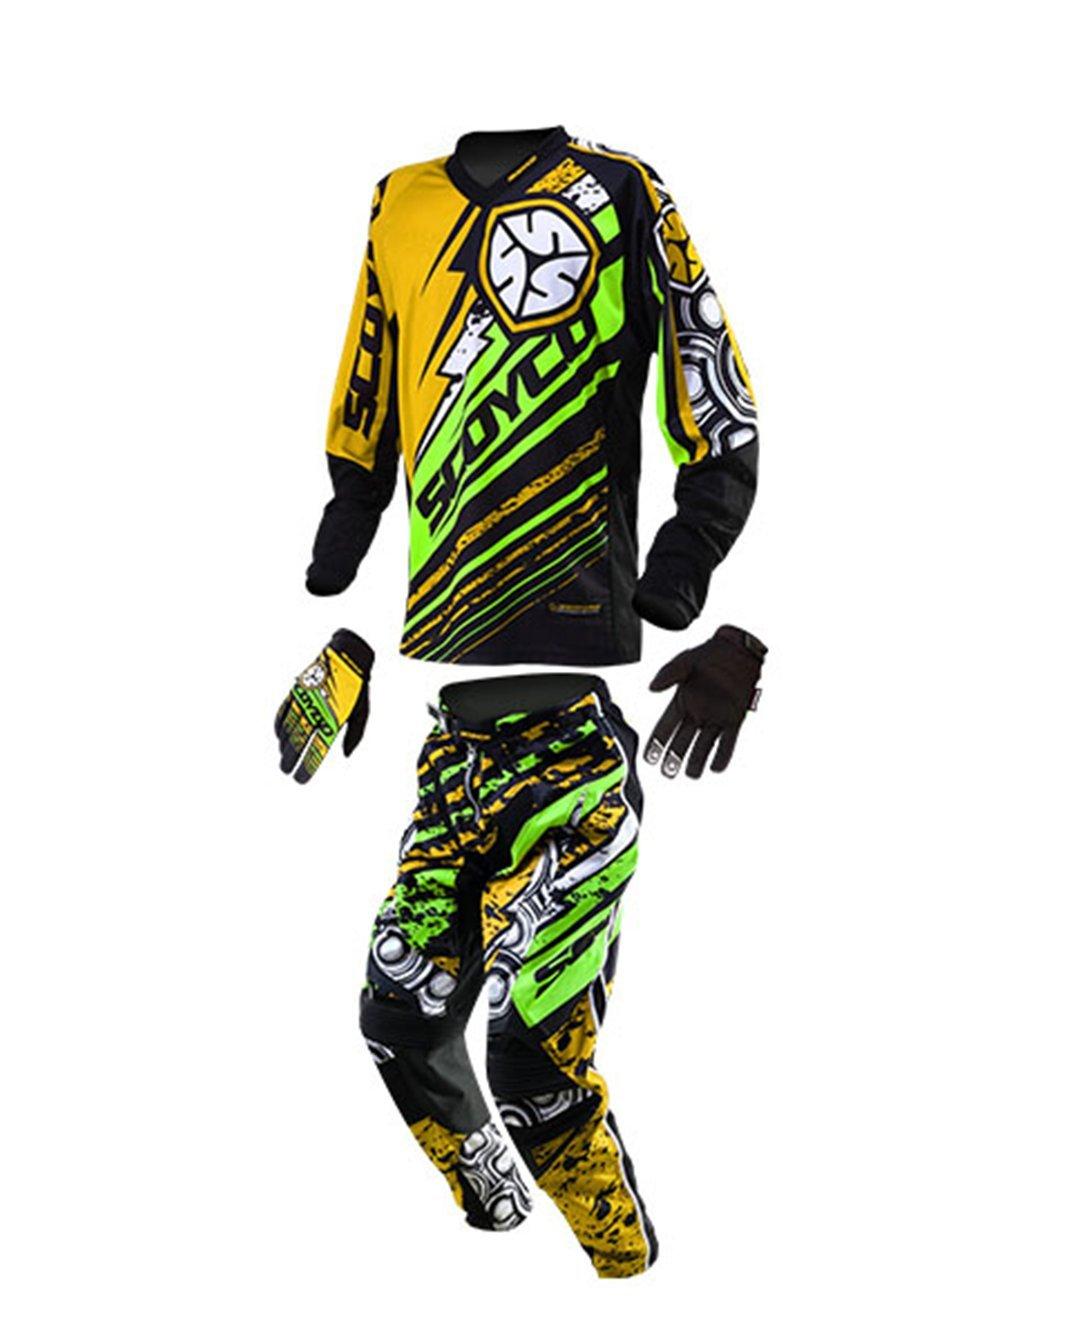 バイクジャケットセット ライダースジャケット レーシングジャケット パンツ グローブ 3点セット バイクウェアセット 春 夏 秋 B01GLJO2V6 緑Tシャツ+パンツ XXL~